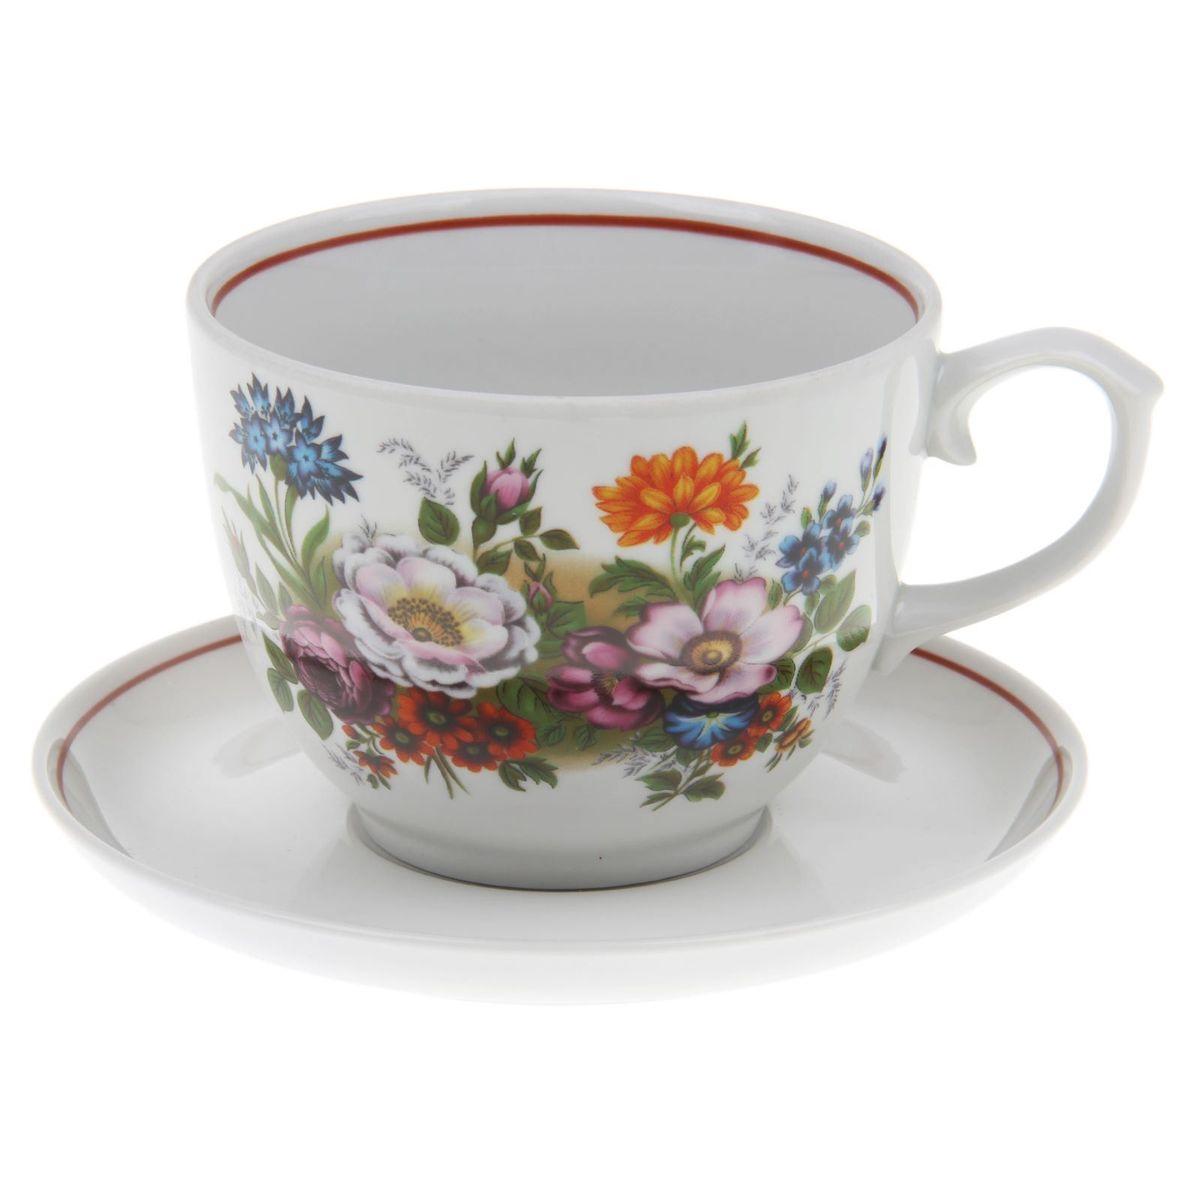 Чайная пара Букет цветов, 2 предмета391602Чайная пара Букет цветов состоит из чашки и блюдца, выполненных из фарфора. Чайная пара украшена цветочным рисунком. Набор сочетает в себе бытовую практичность и декоративную утонченность. Подходит для повседневного использования.